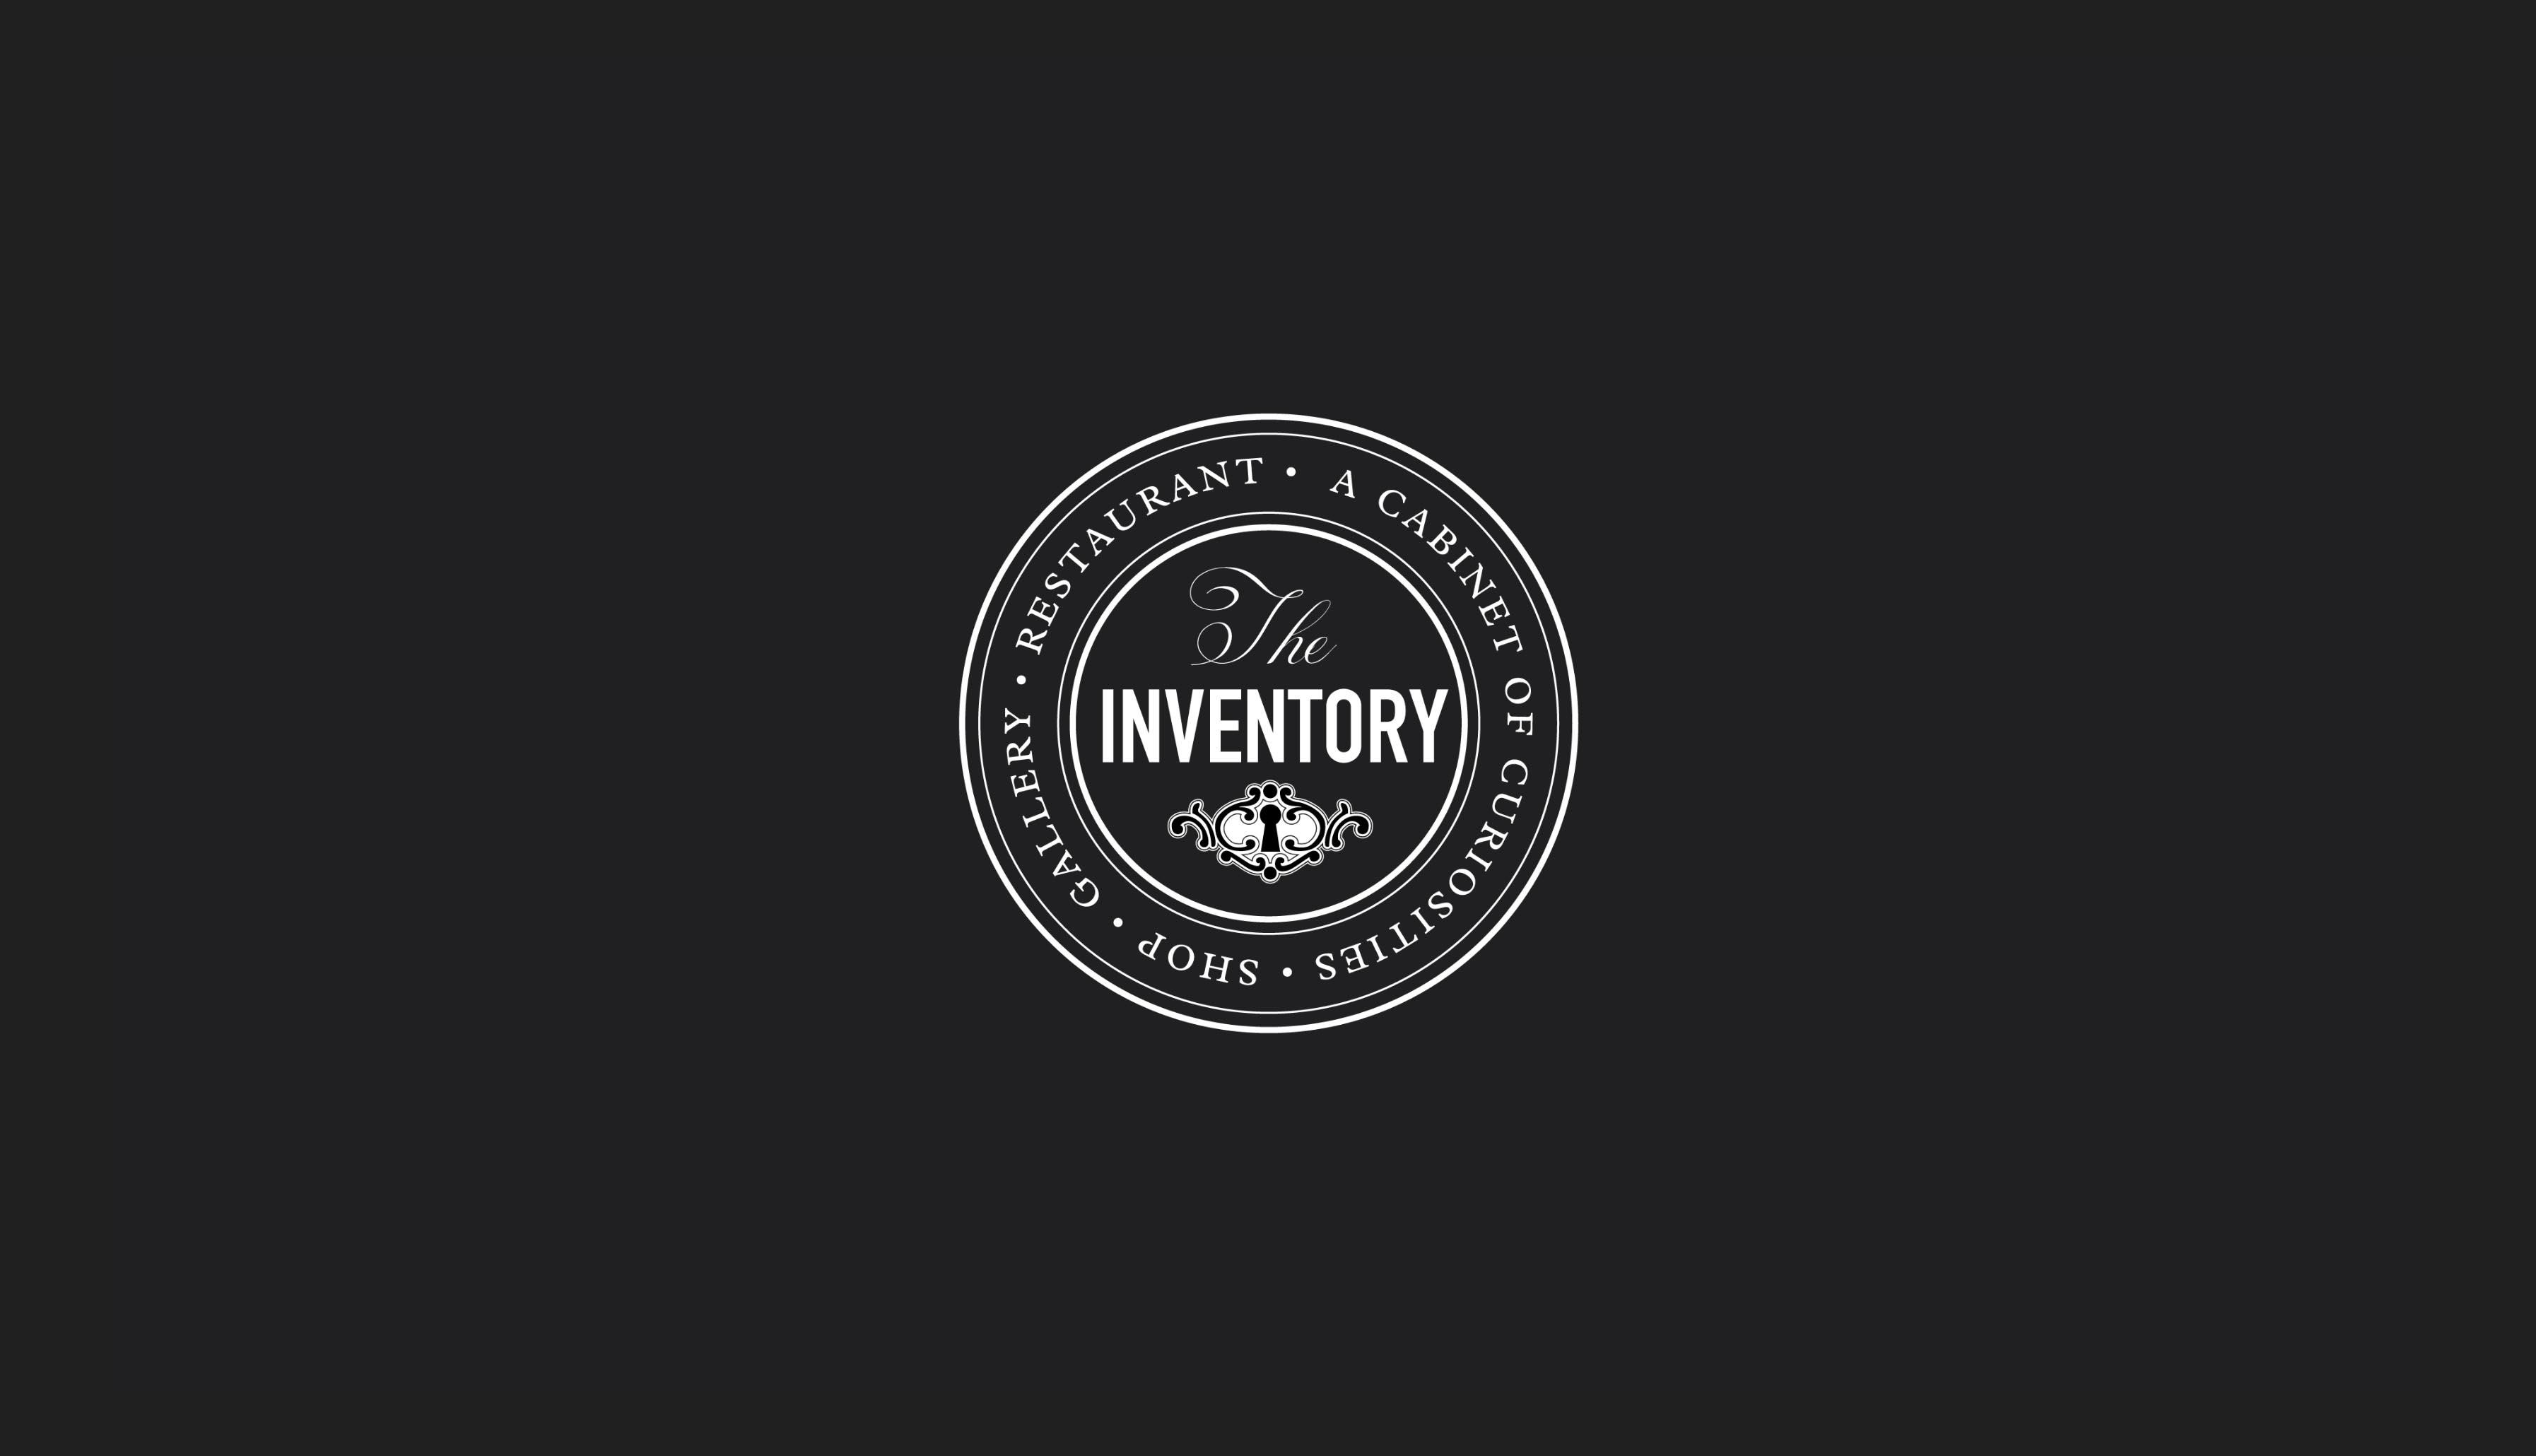 Inventory logo design